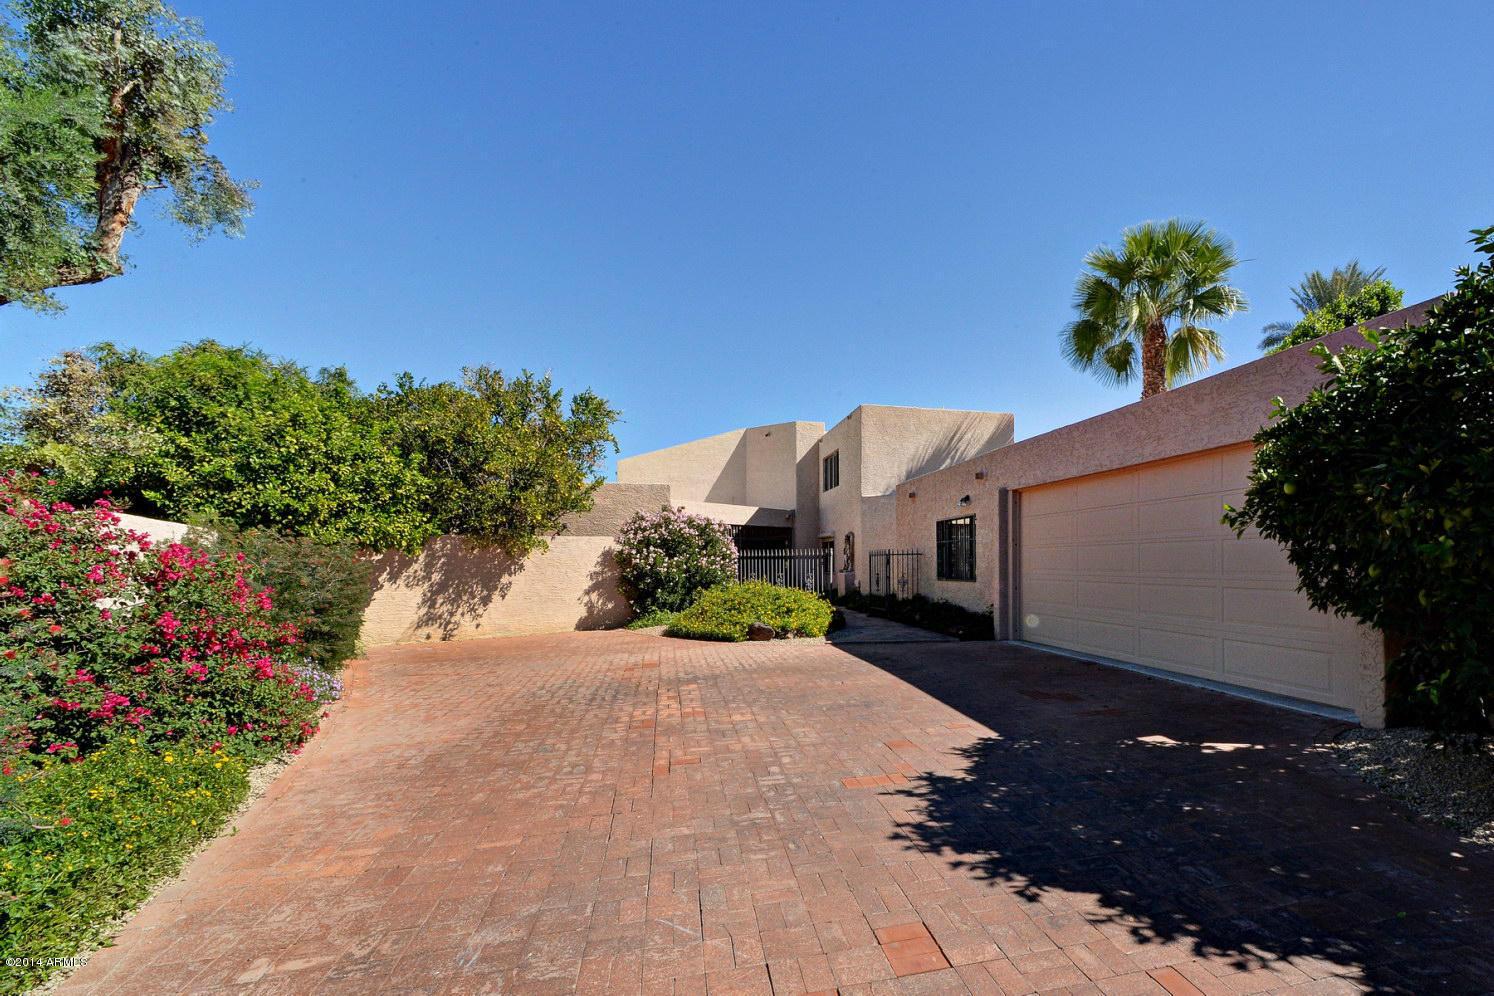 7650 E Via De Lindo, Scottsdale | $775,000